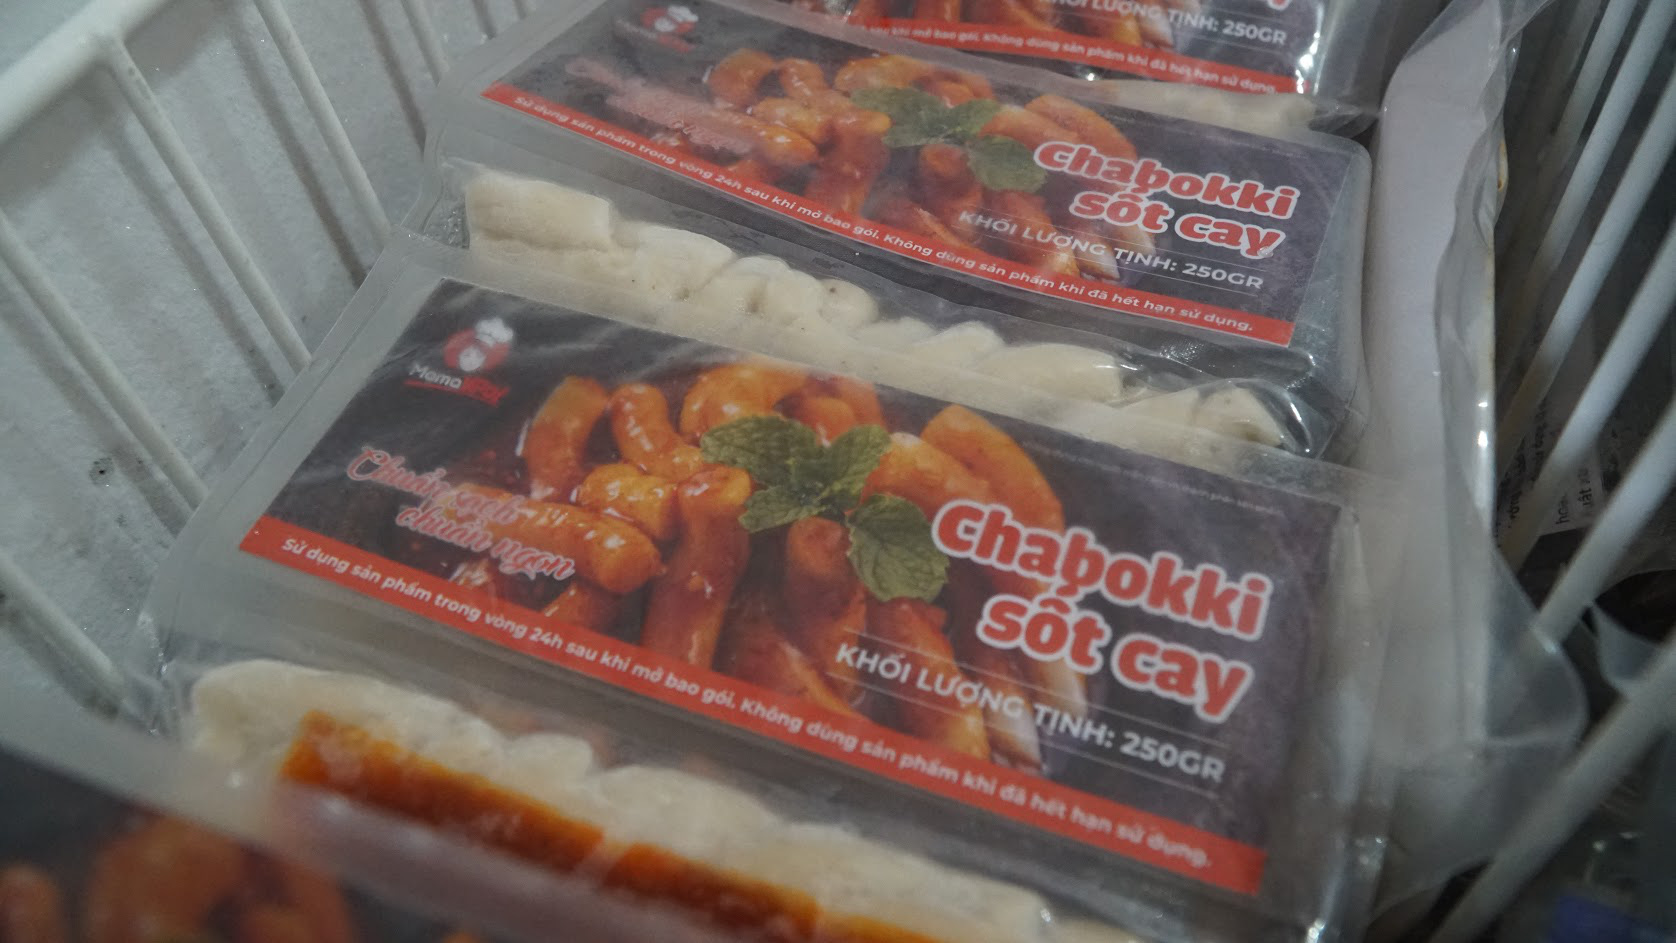 Thưởng thức bim bim siêu giòn, bánh gạo cay siêu cay làm từ... cá tra - Ảnh 3.